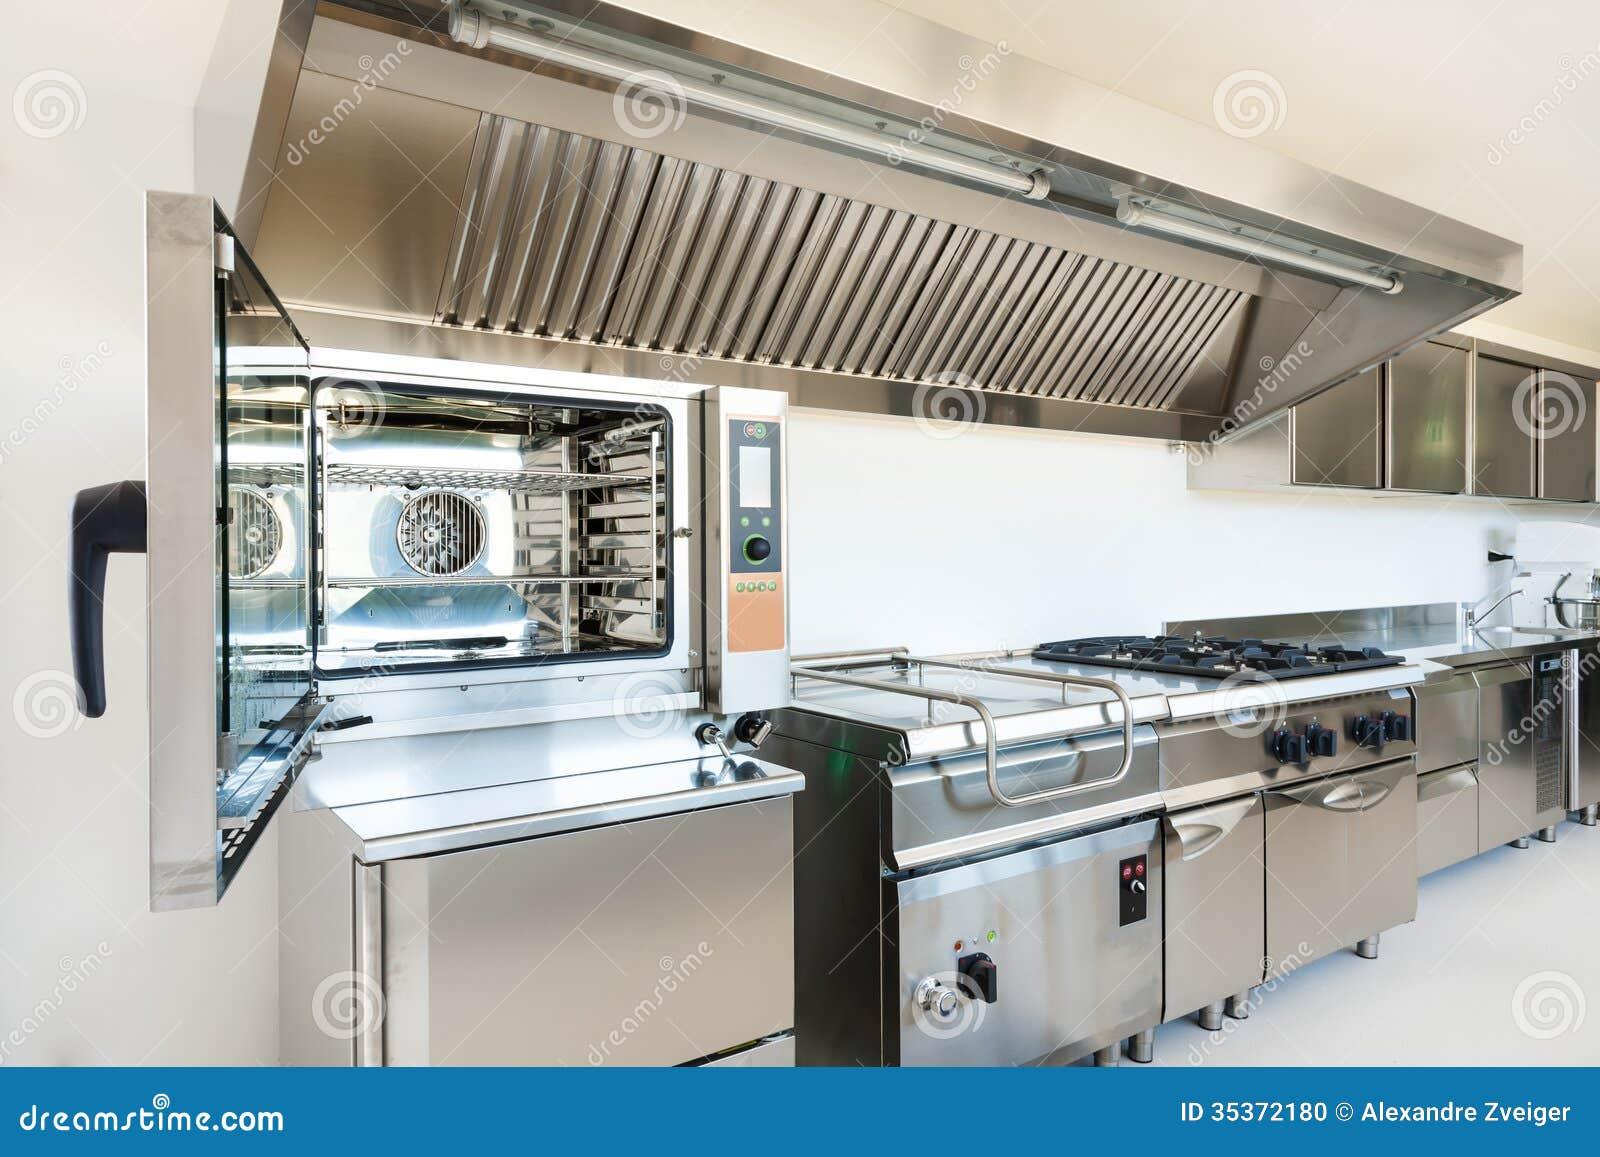 Cozinha Profissional Foto De Stock Imagem De Cozinha 35372180